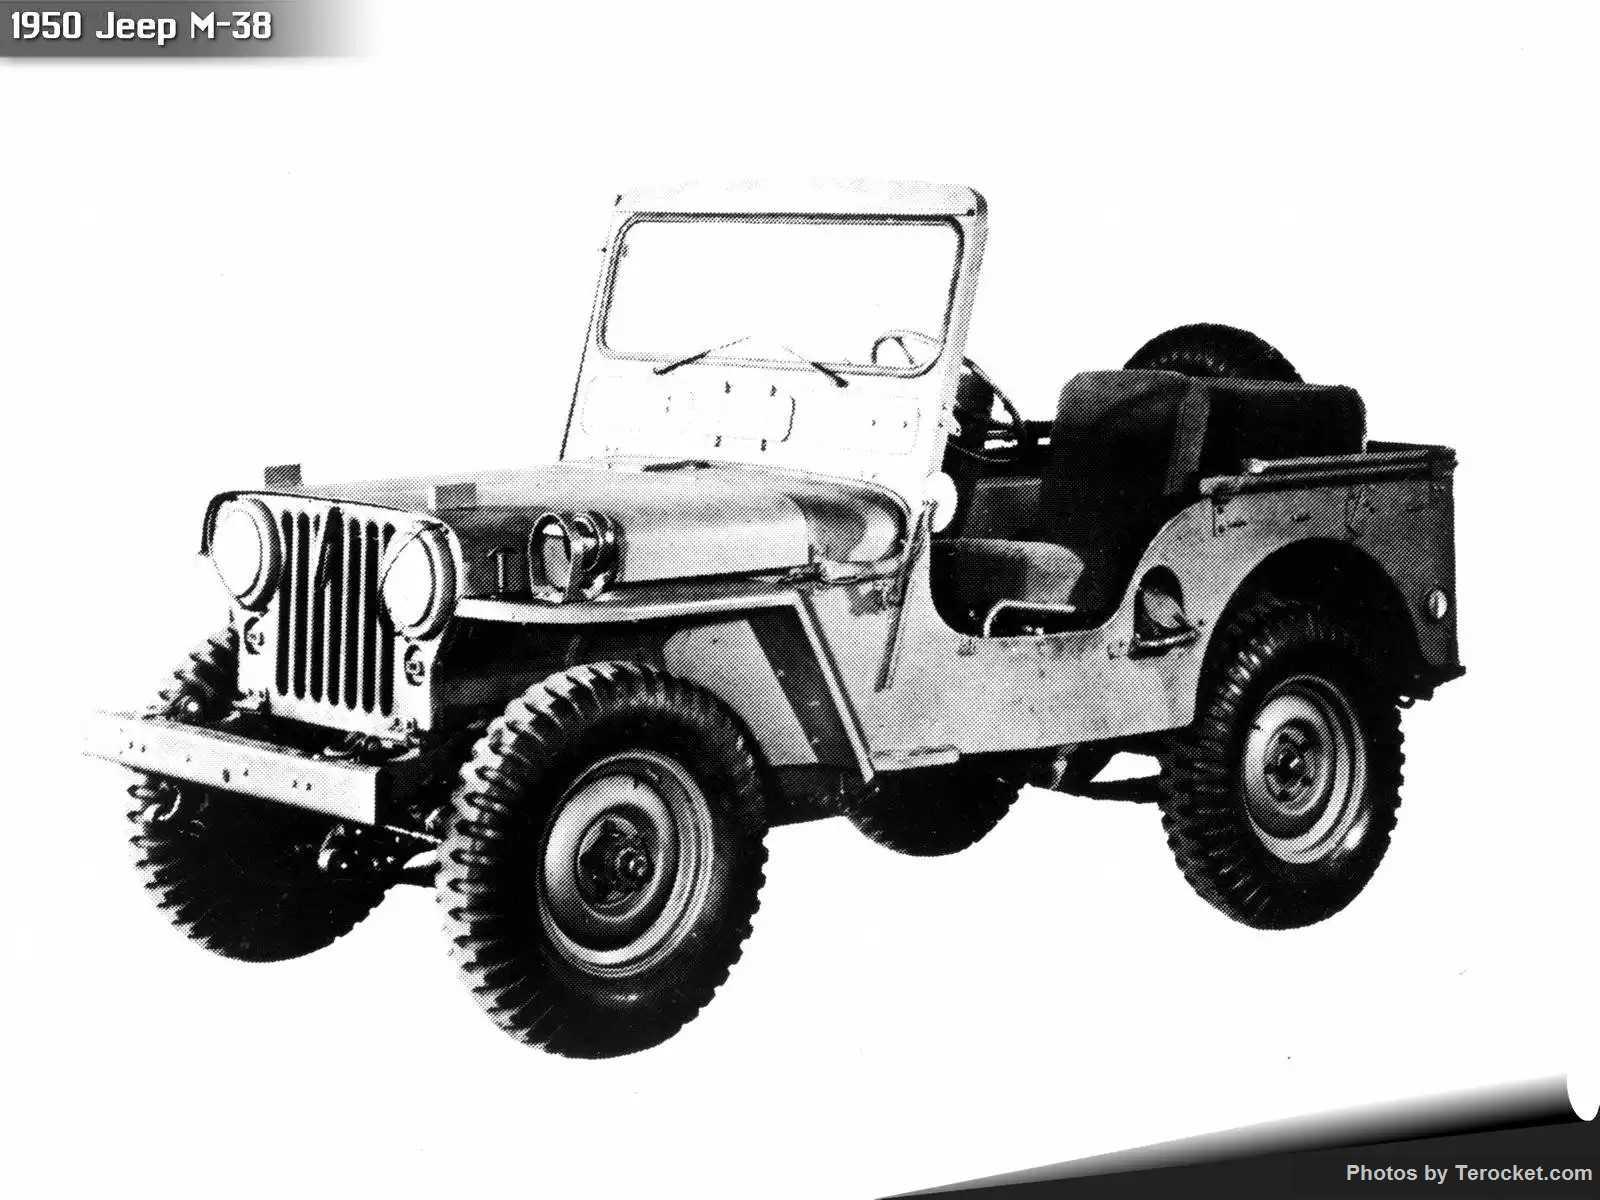 Hình ảnh xe ô tô Jeep M-38 1950 & nội ngoại thất